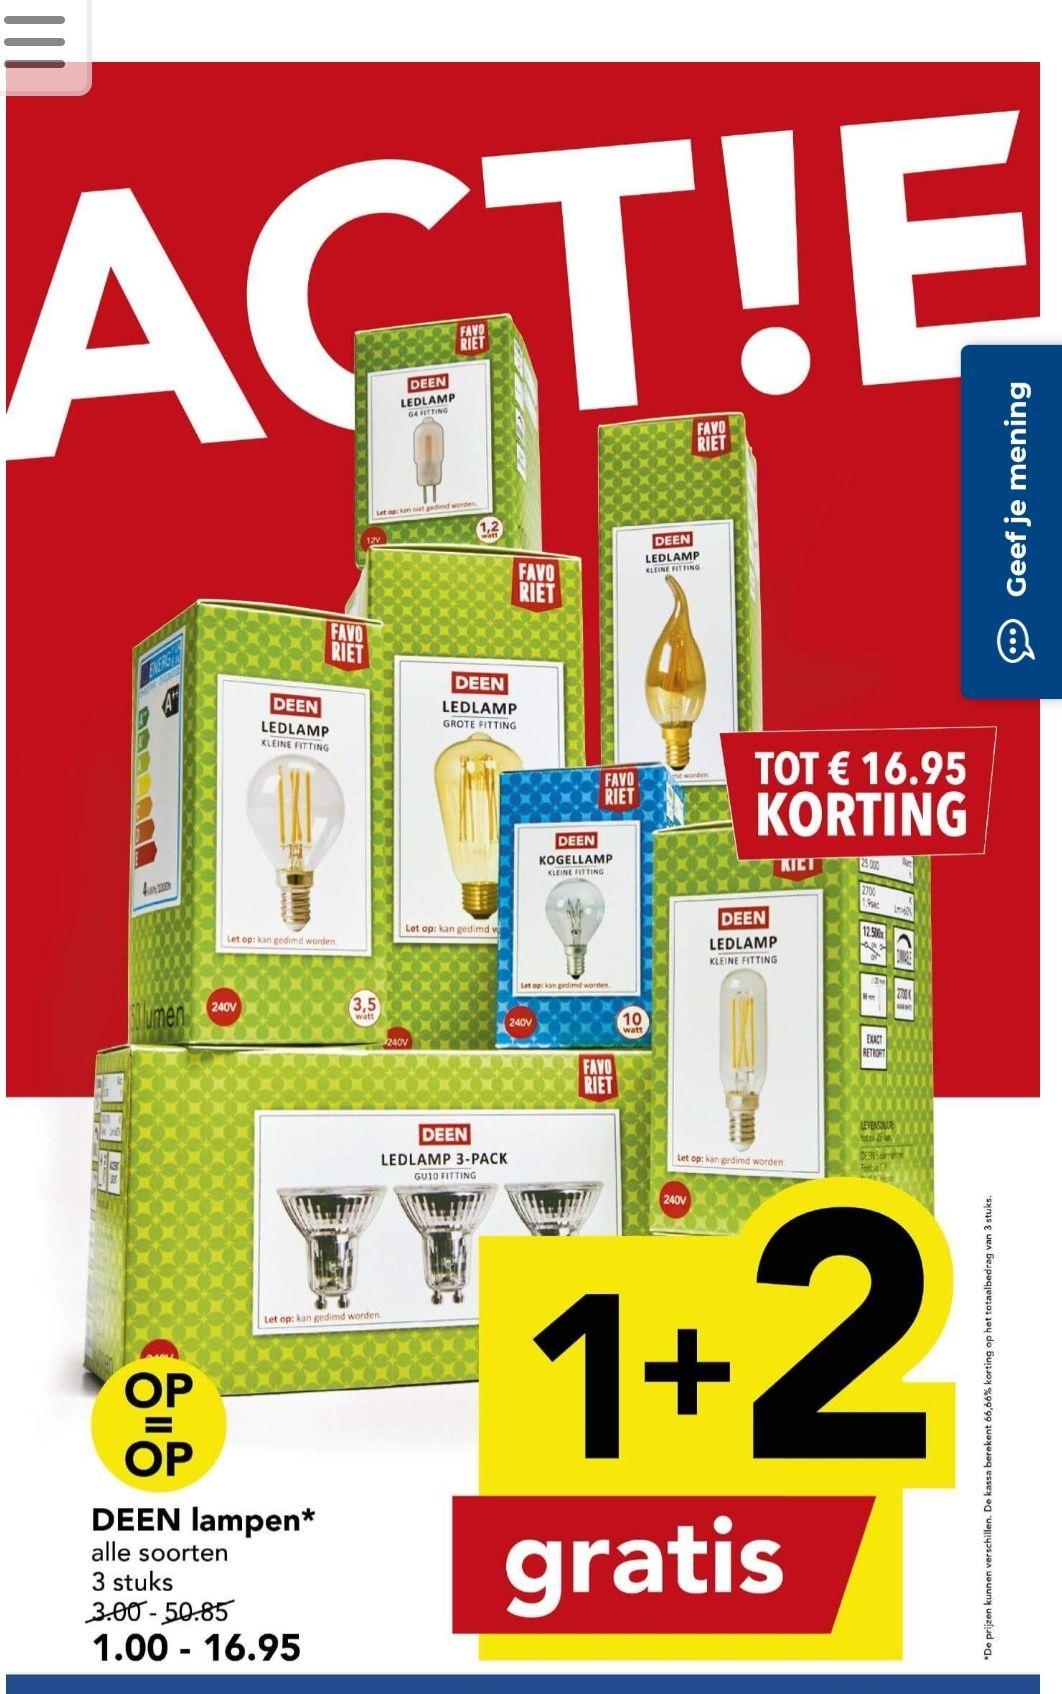 Verlichting 1+2 gratis, Deen huismerk